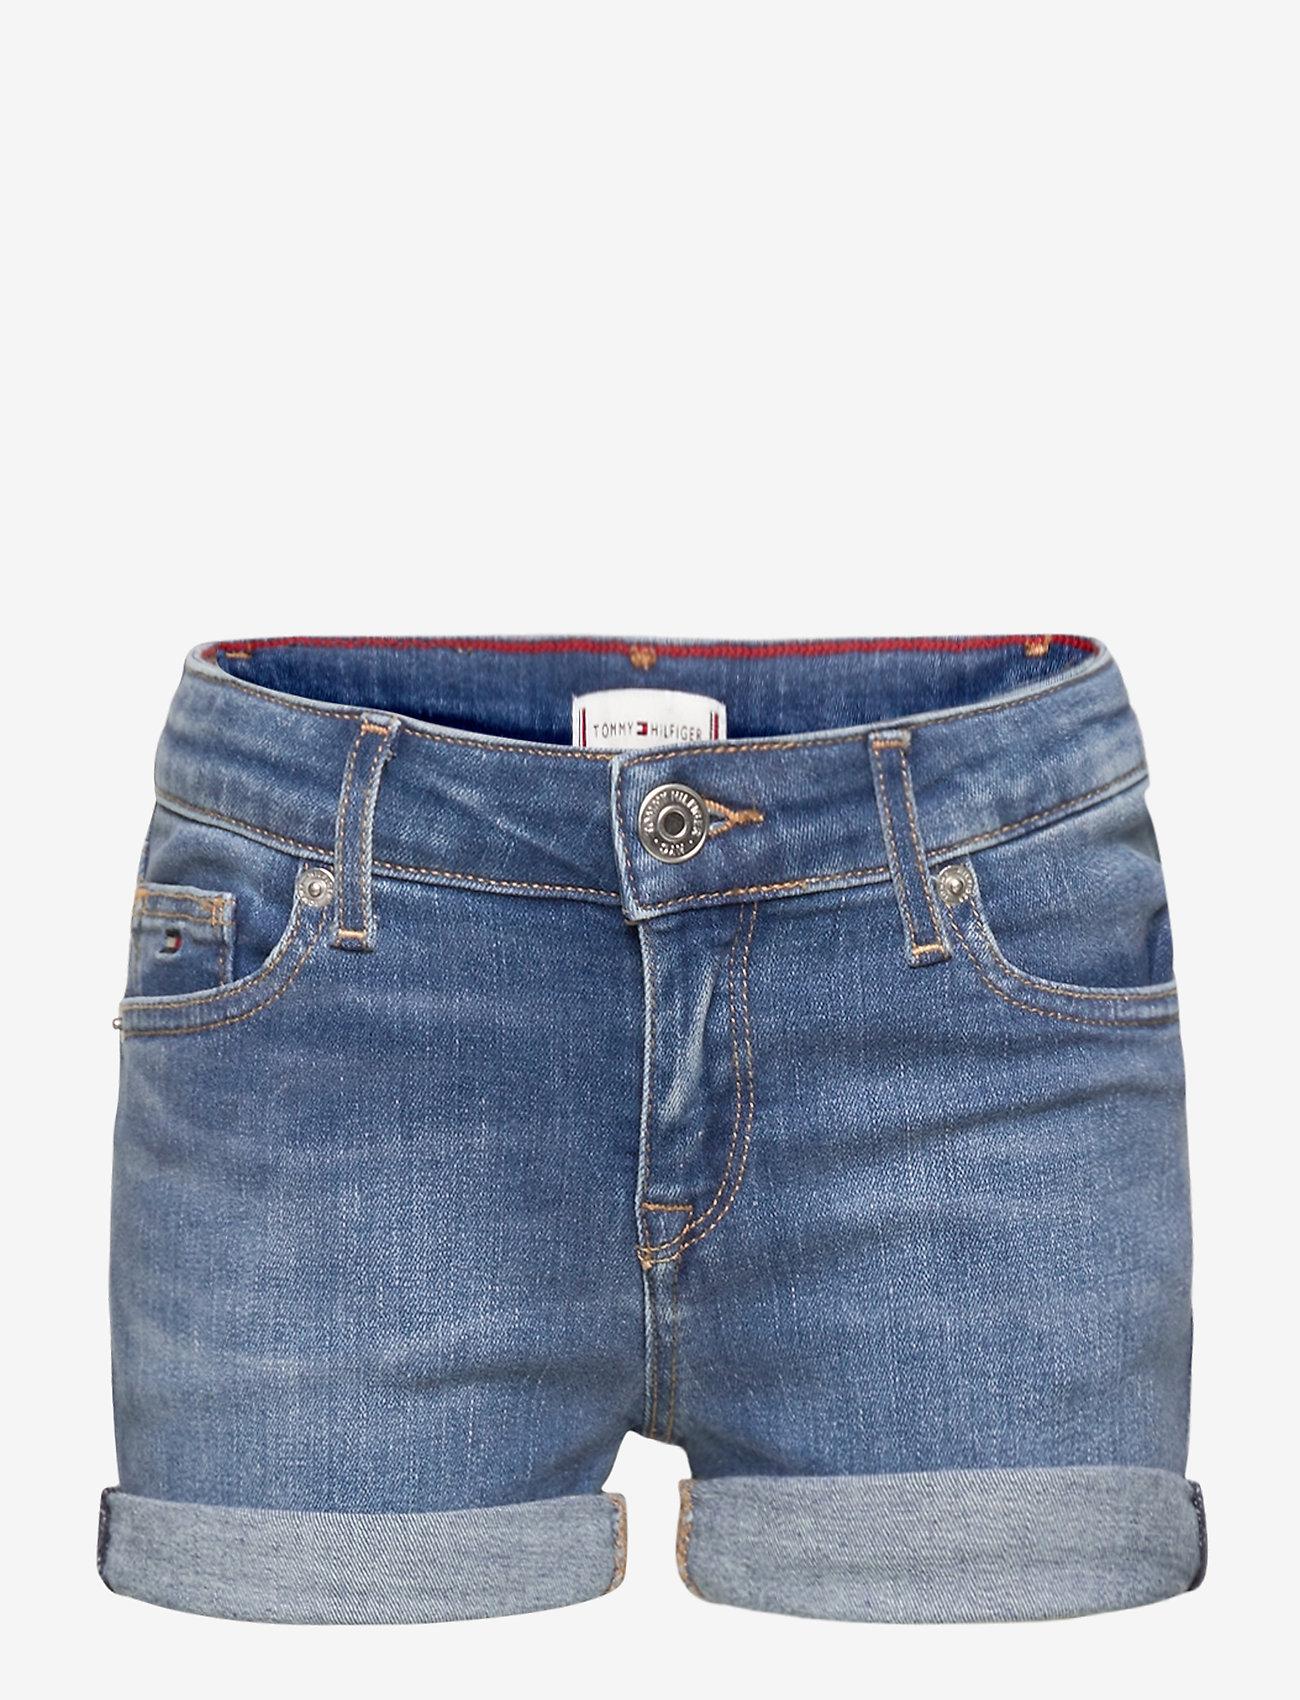 Tommy Hilfiger - NORA BASIC SHORT - shorts - summermedbluestretch - 0